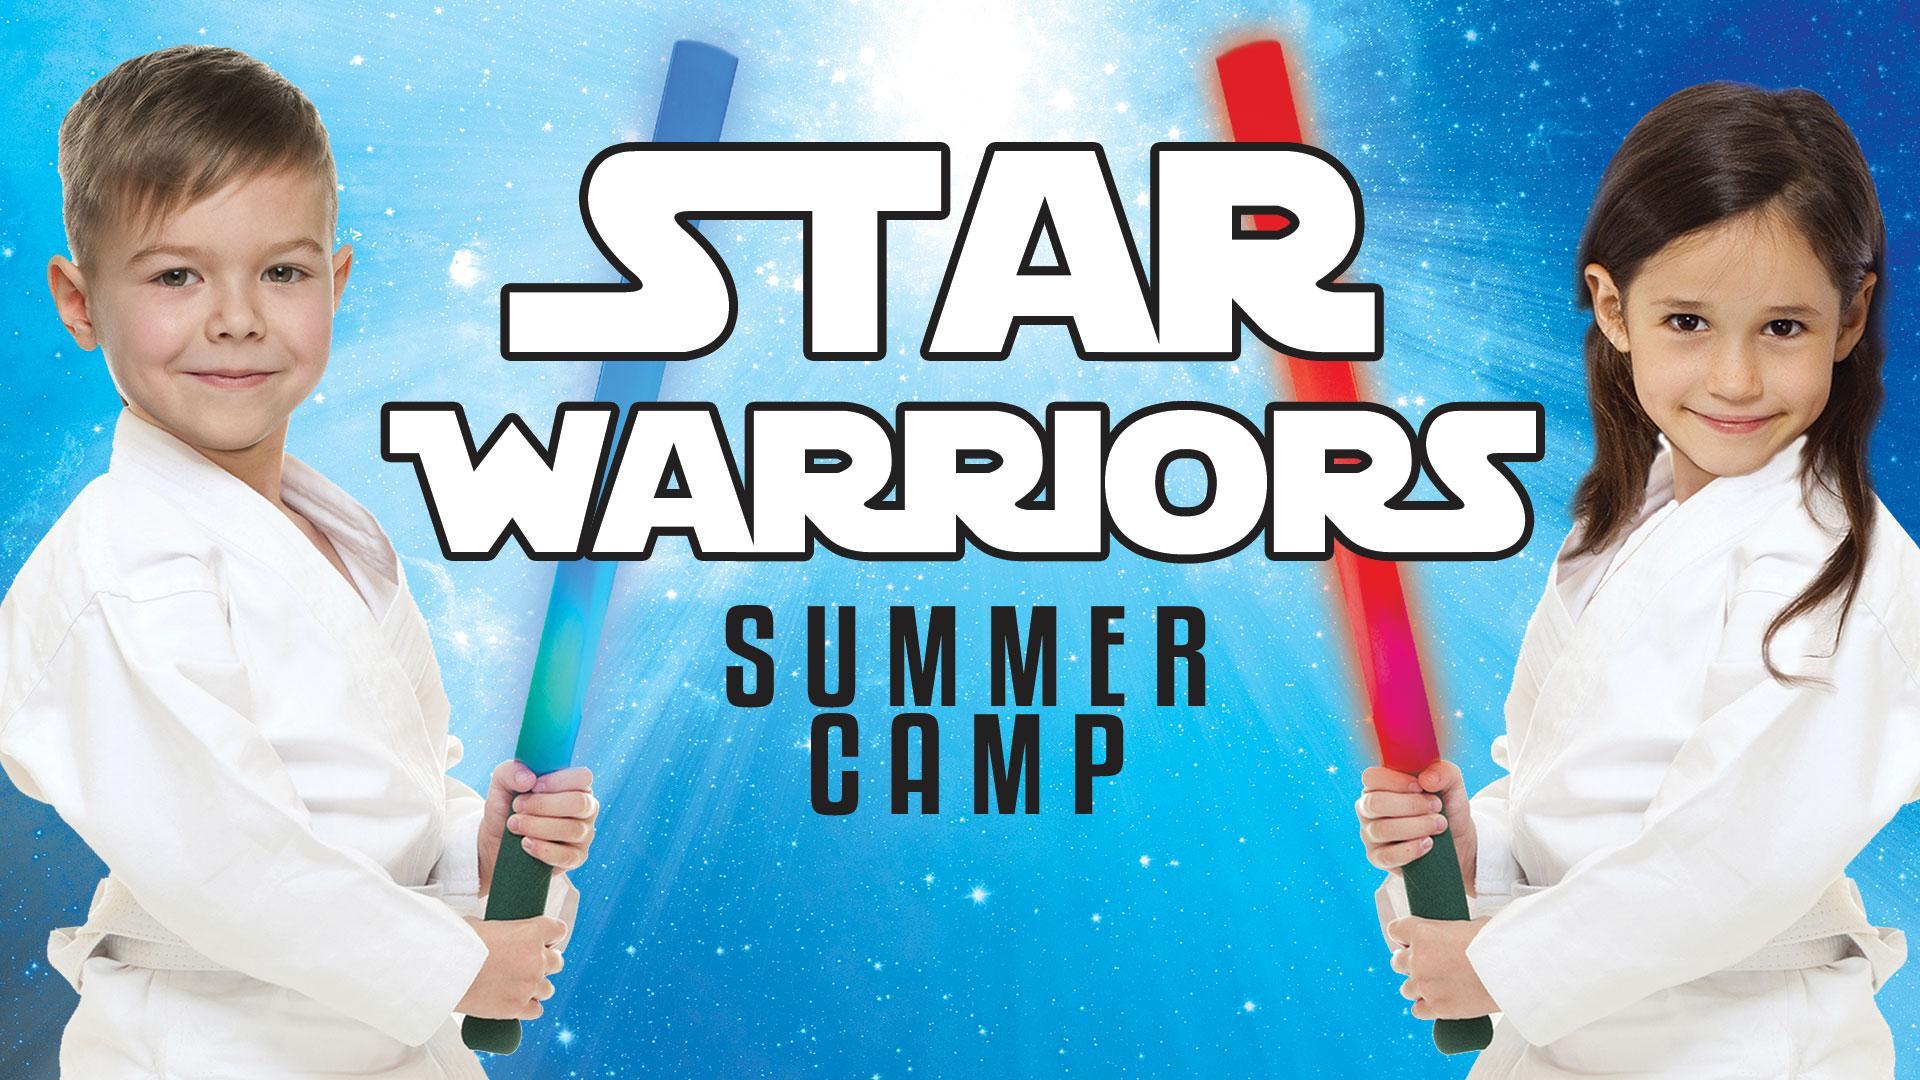 Star Warriors Summer Camp!